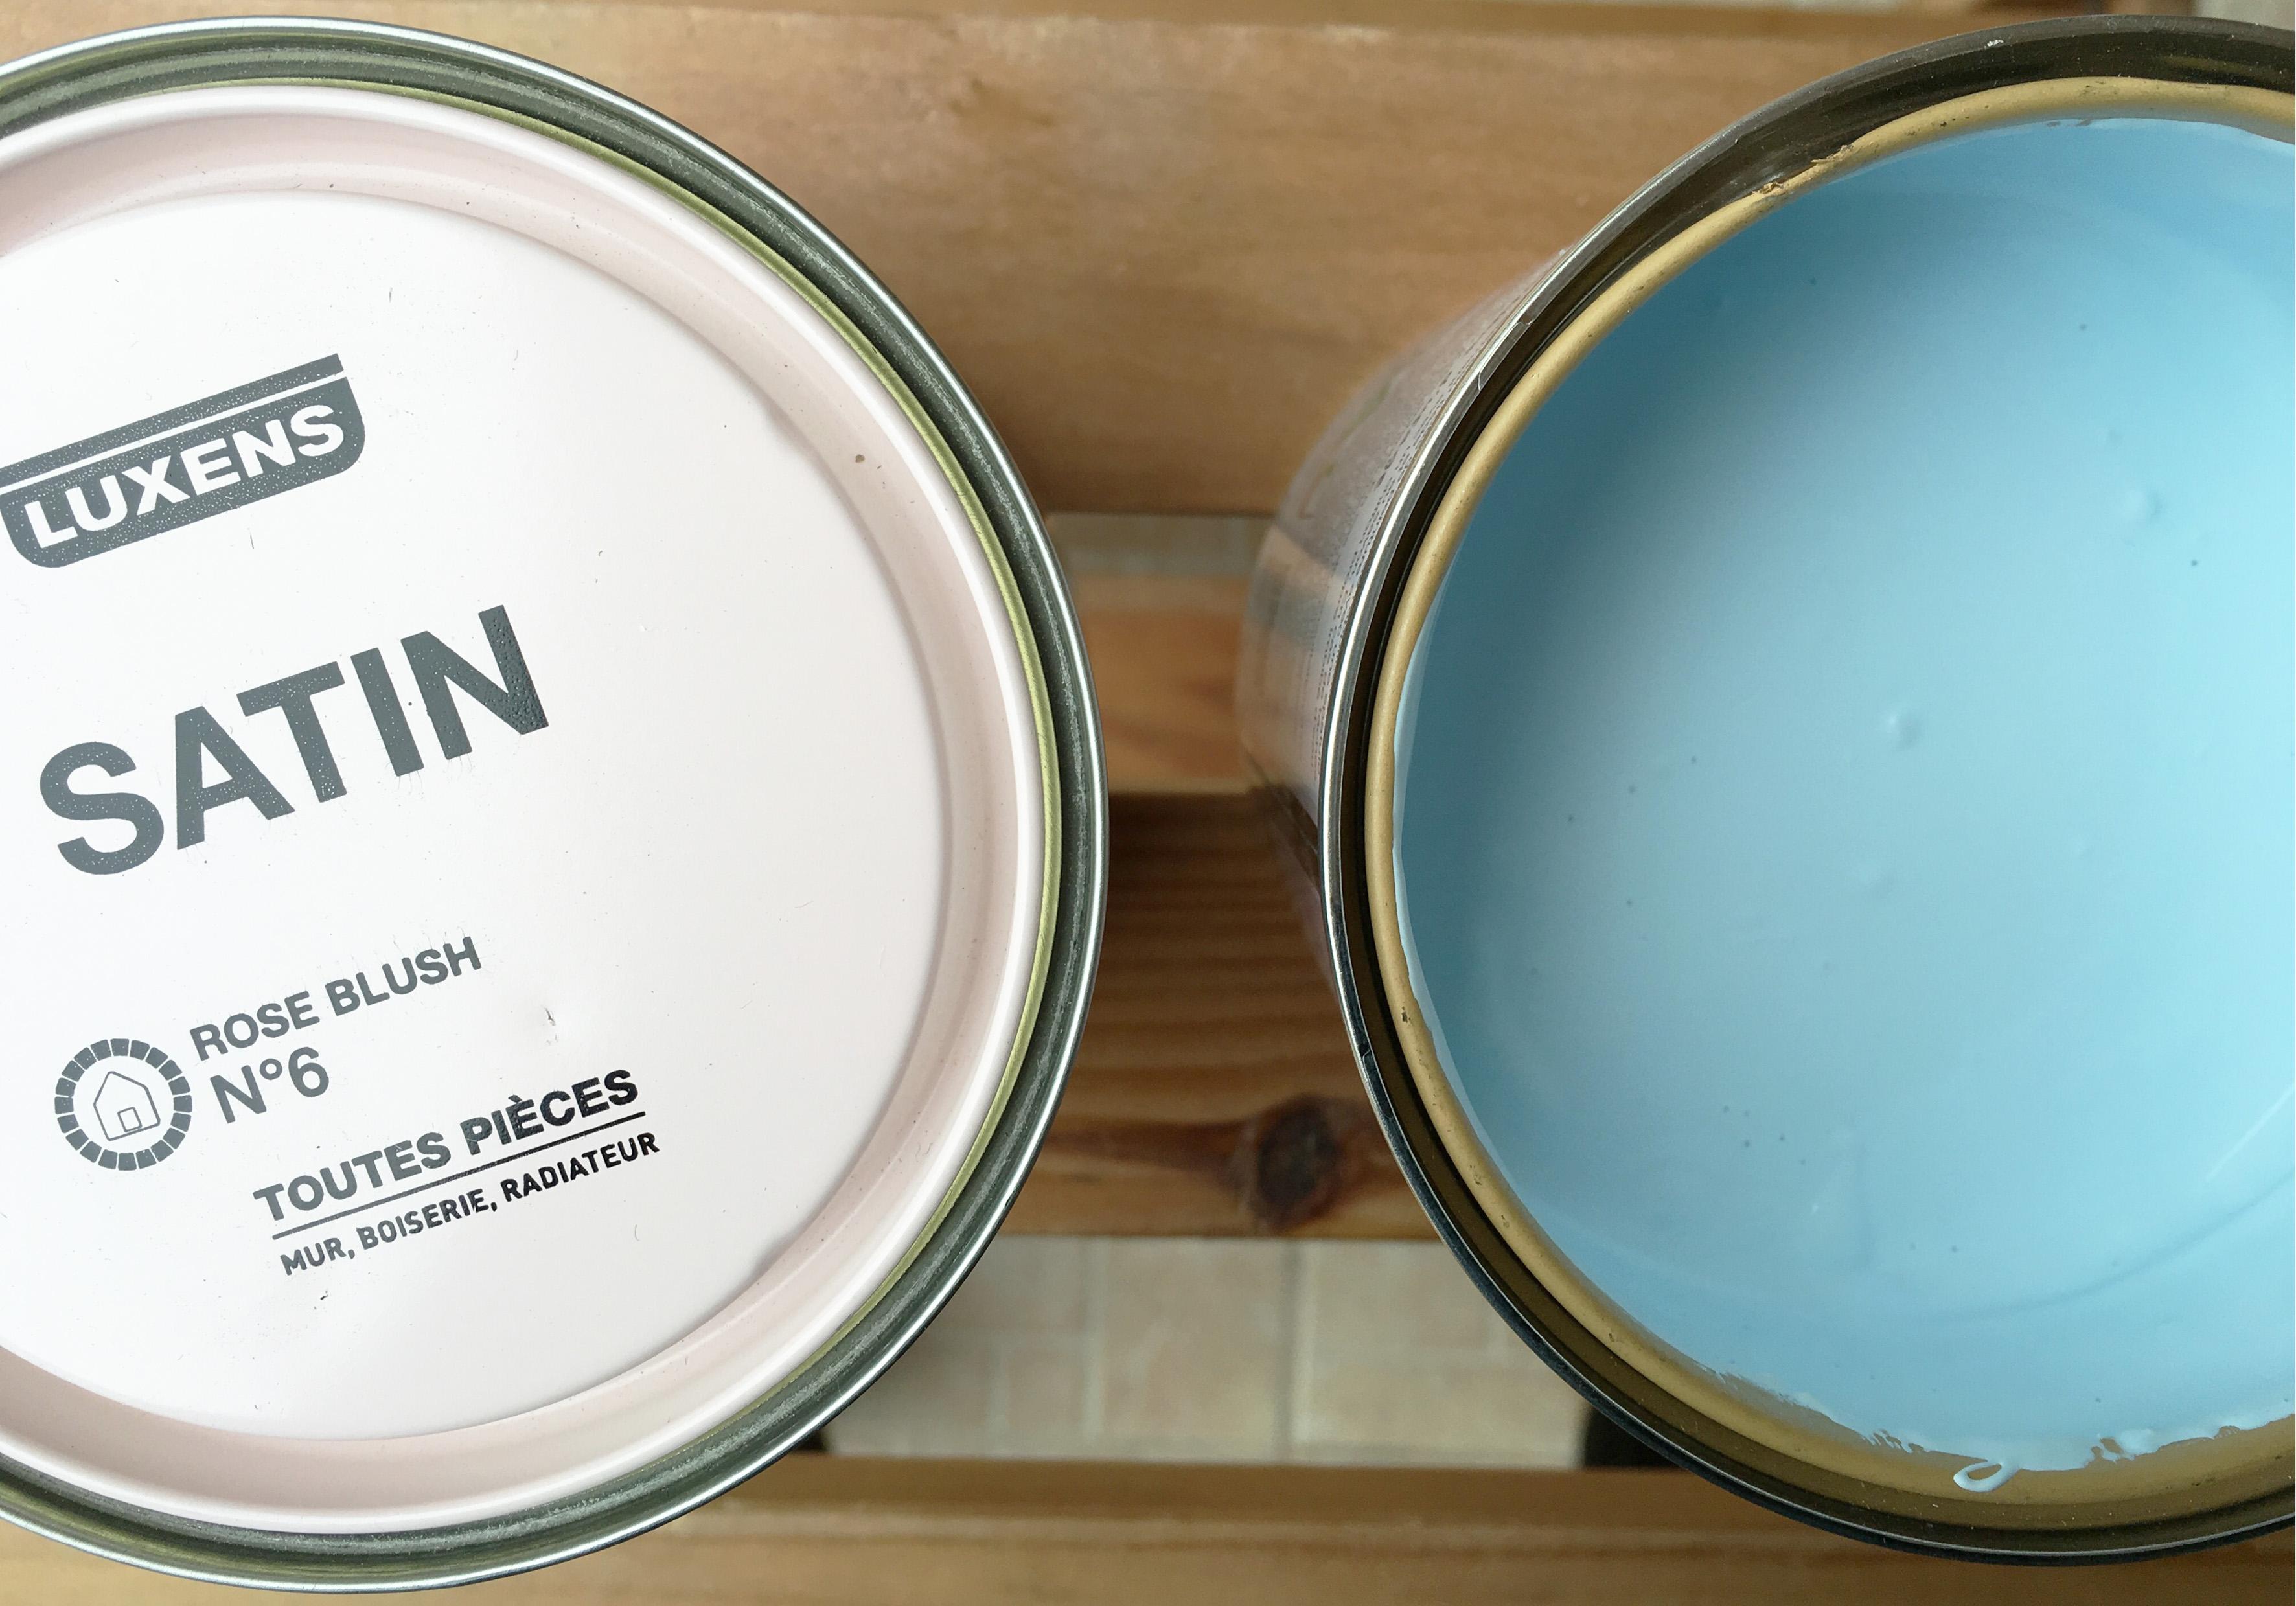 Restauration de mobilier chaise bistrot l'Atelier d'Elisa pot de peinture